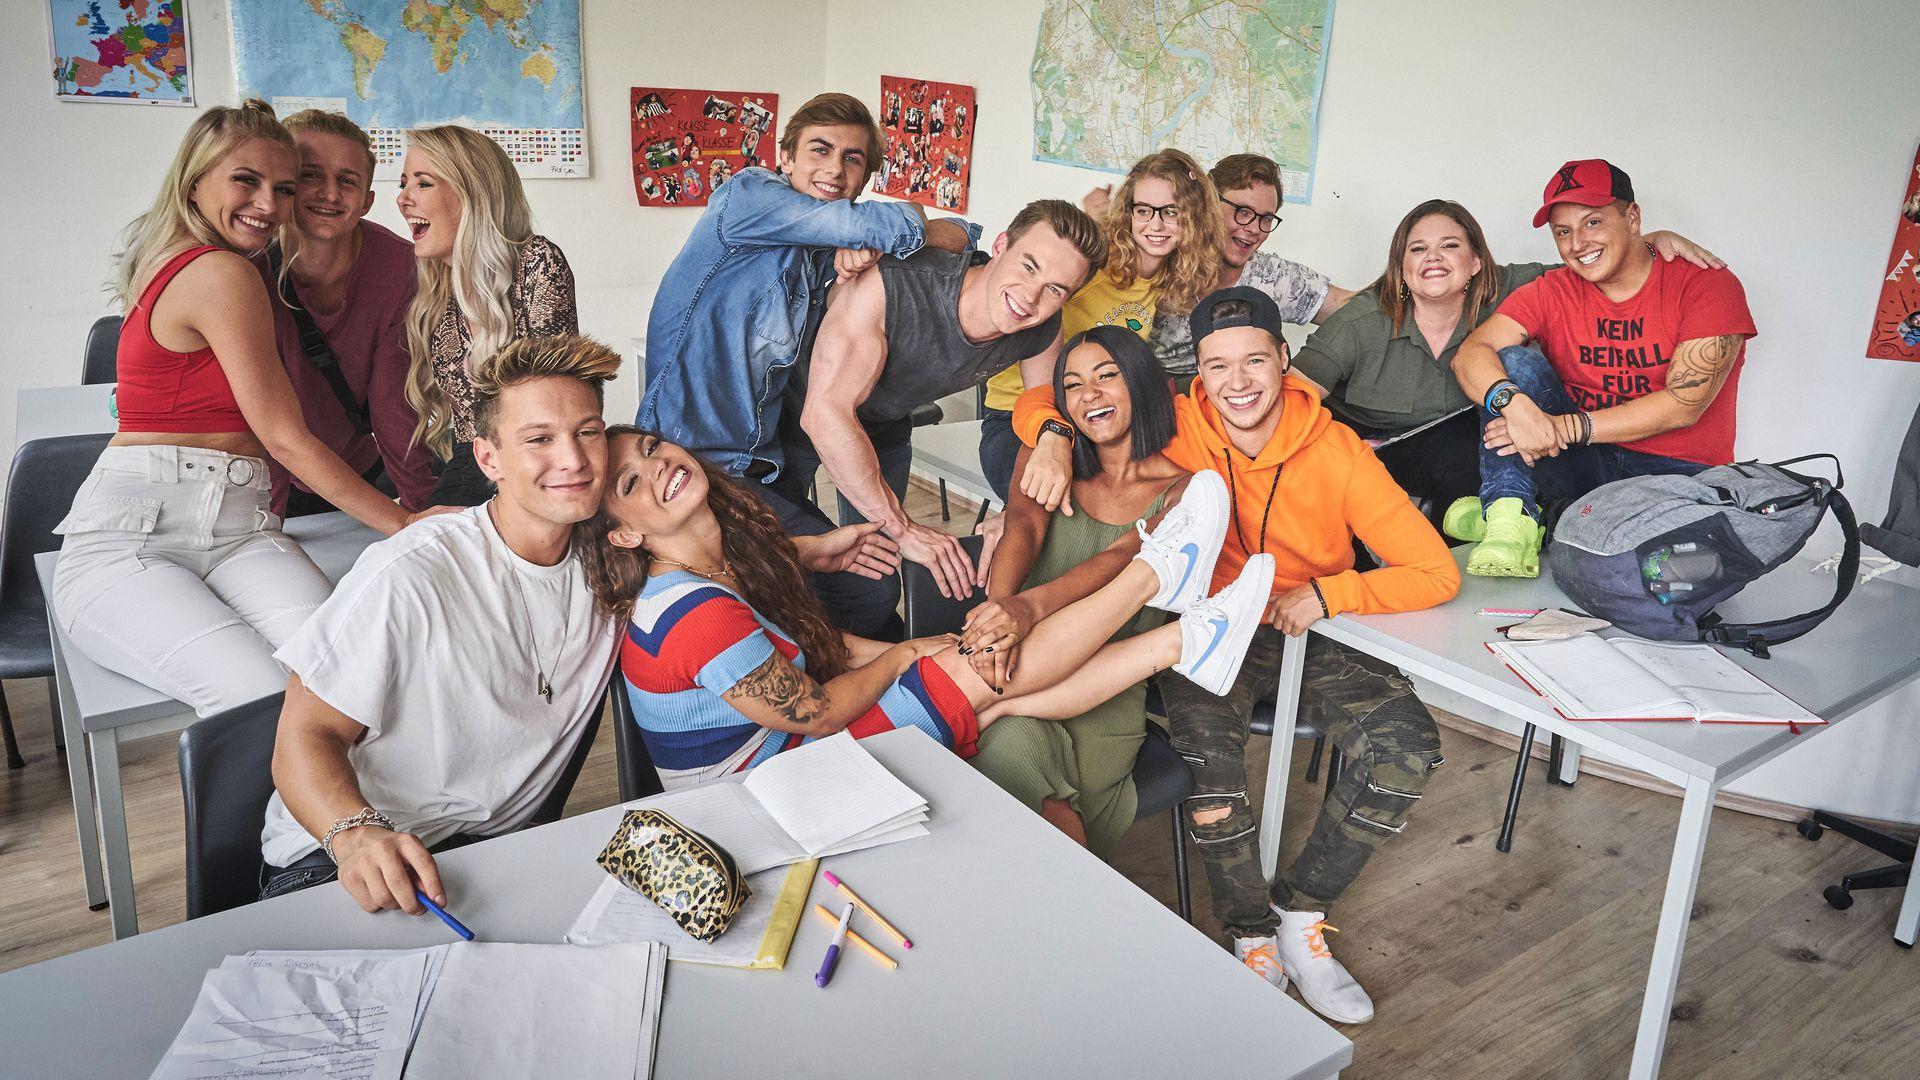 Krass Schule Darsteller Schüler